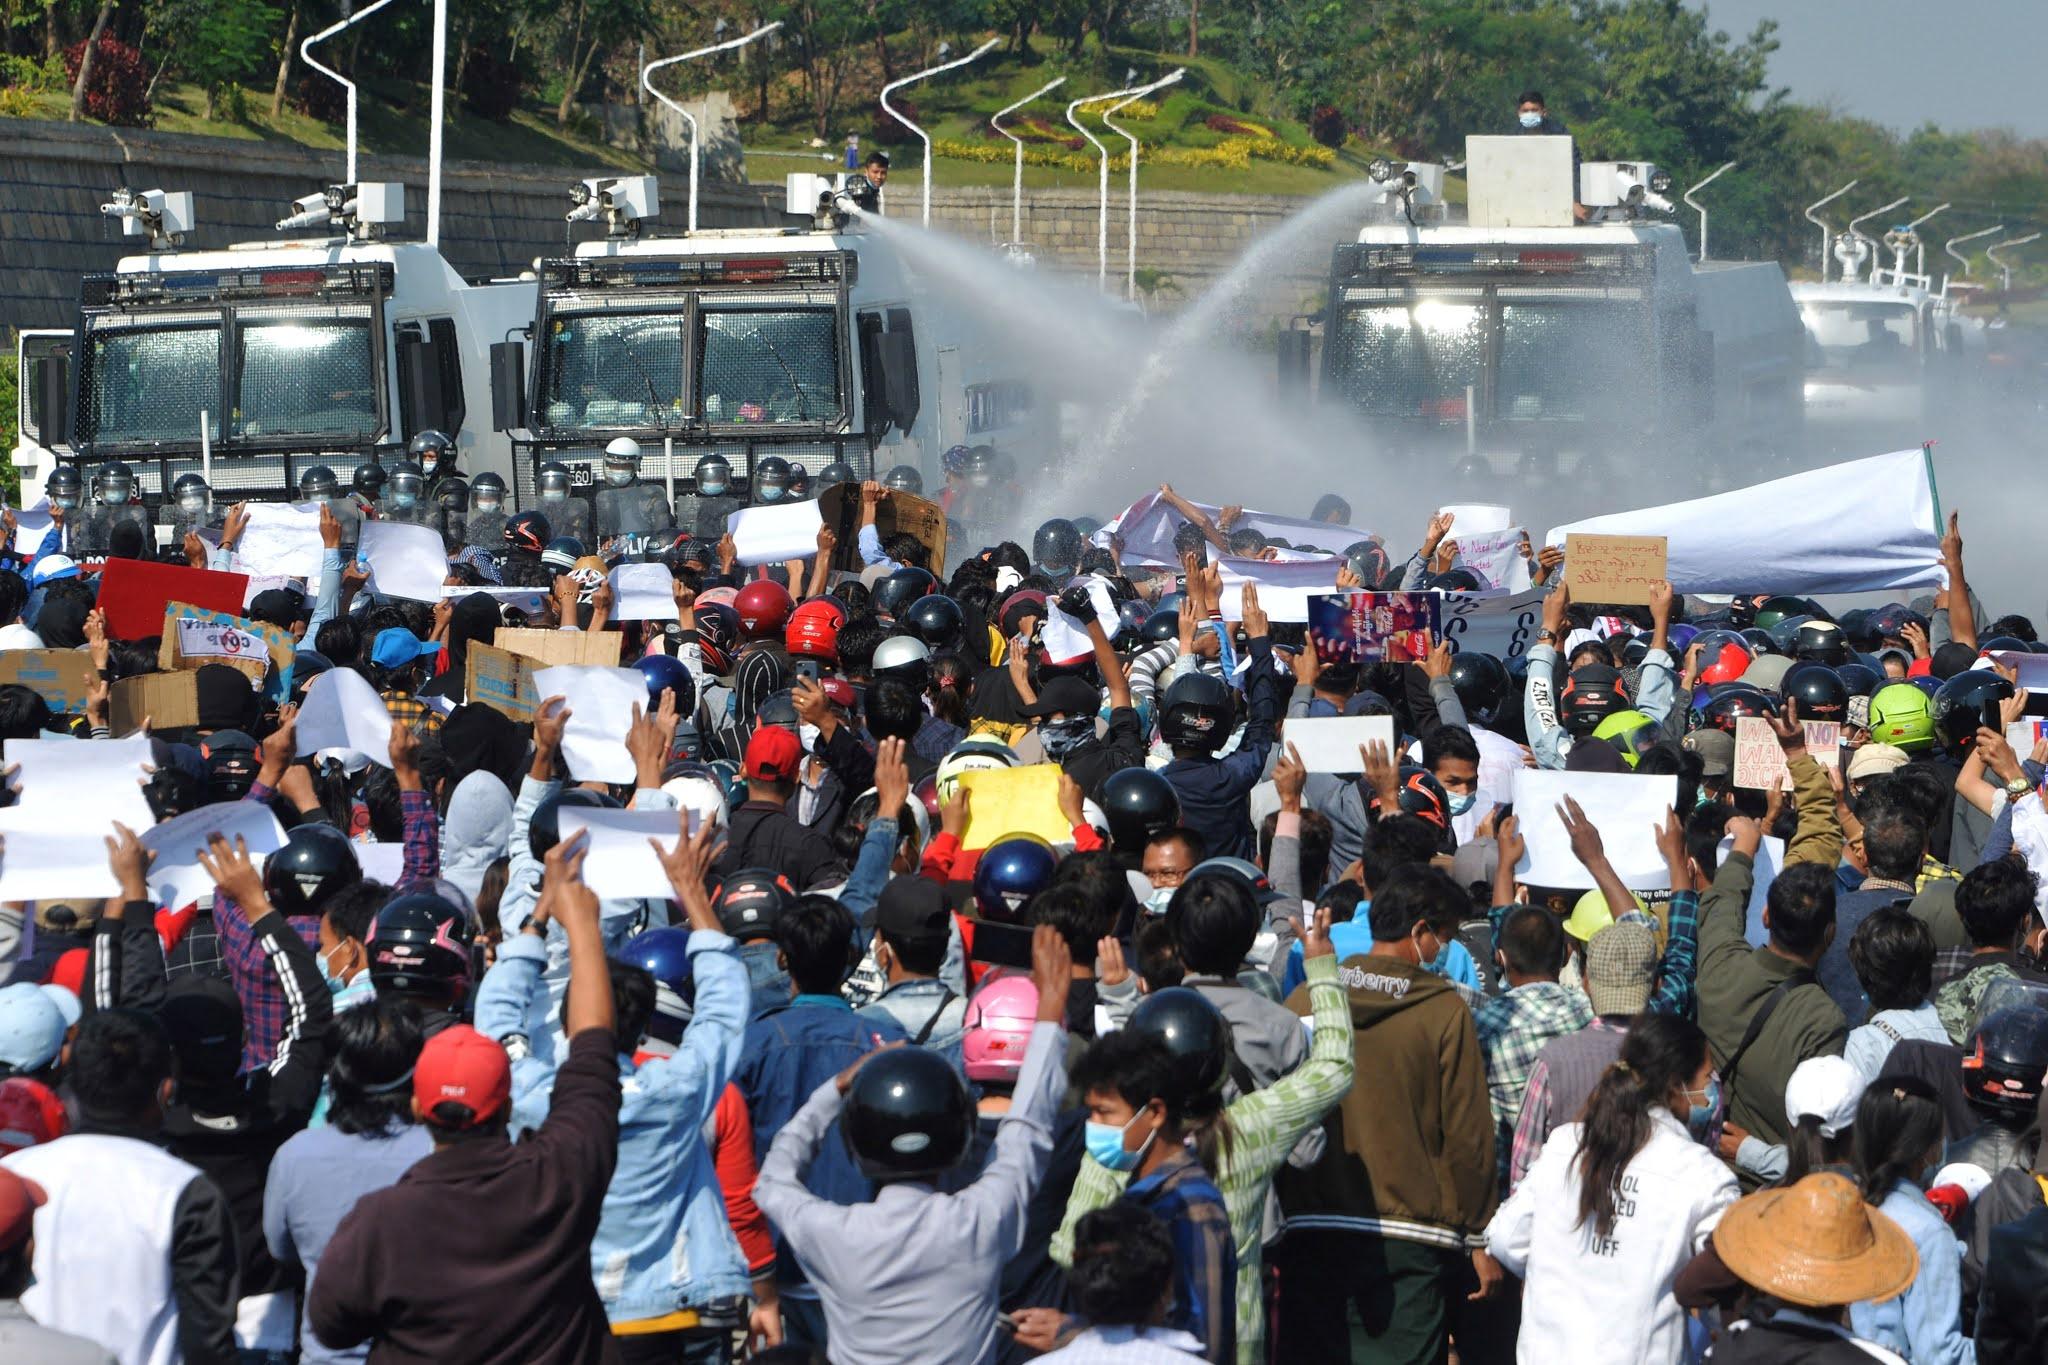 El Gobierno de facto reprime las manifestaciones y se agrava la crisis política en Myanmar